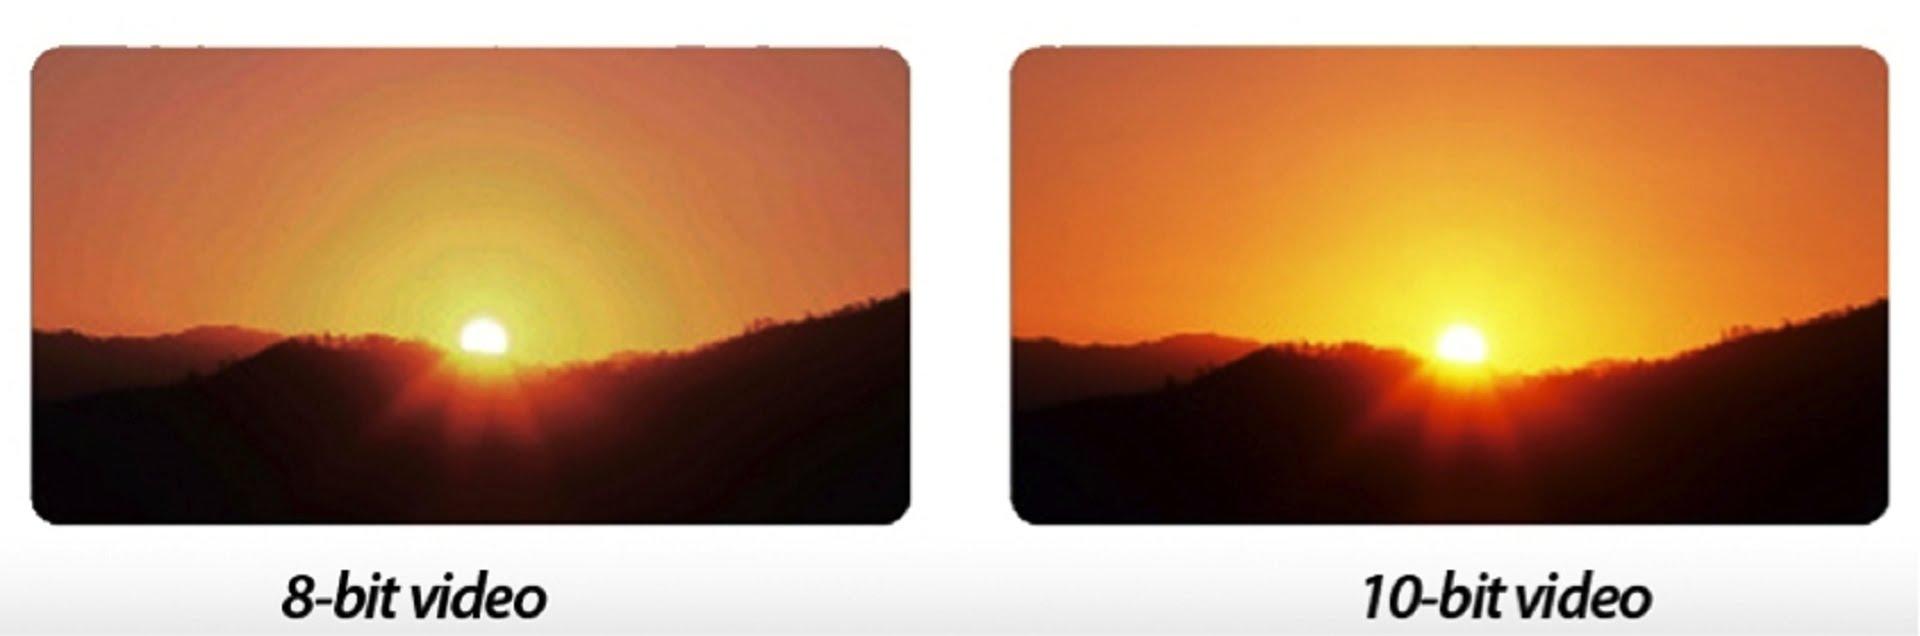 c1355e4c8 Hezky to ilustruje například tento obrázek. Vidíte že u 10 bitů je přechod  sluneční záře mnohem plynulejší a přirozenější než u 8 bitů.